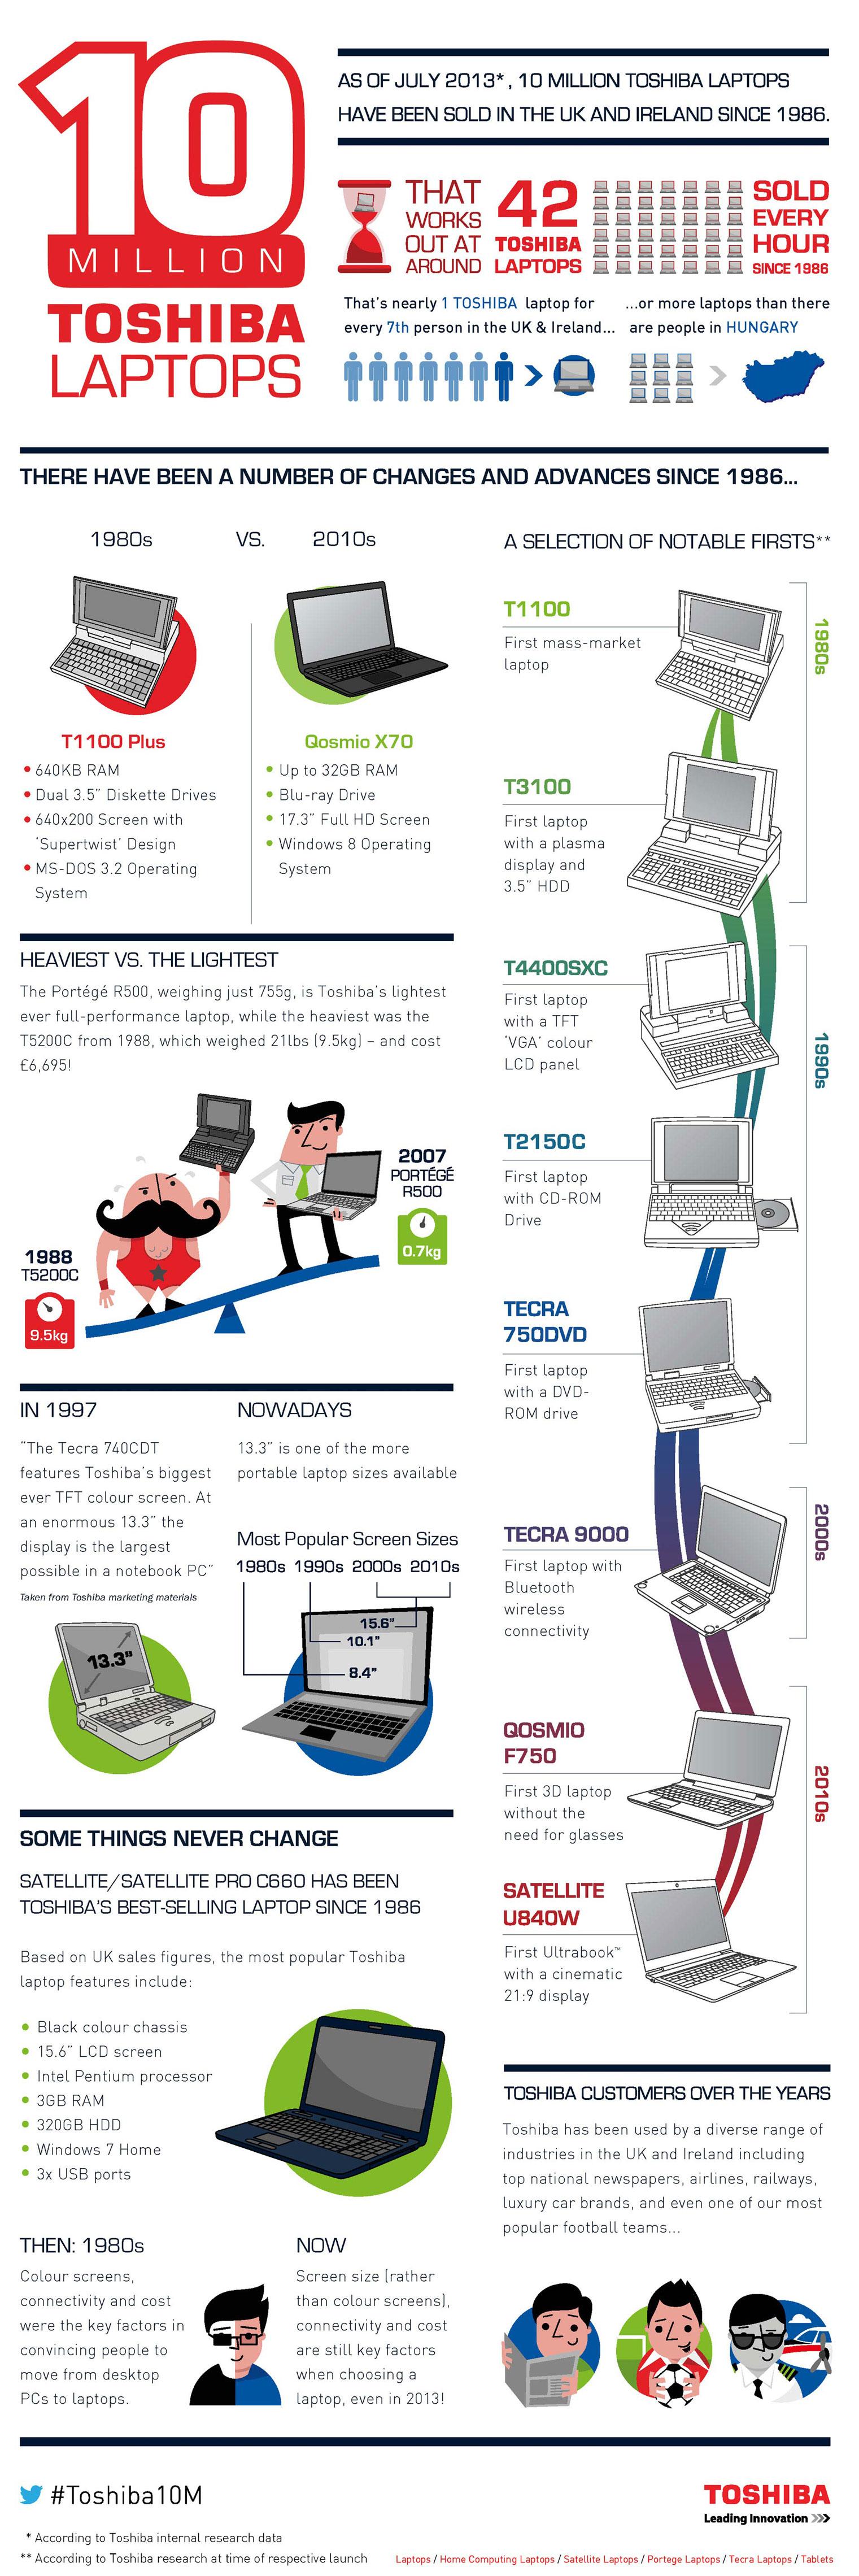 Toshiba Laptops Milestone-Infographic